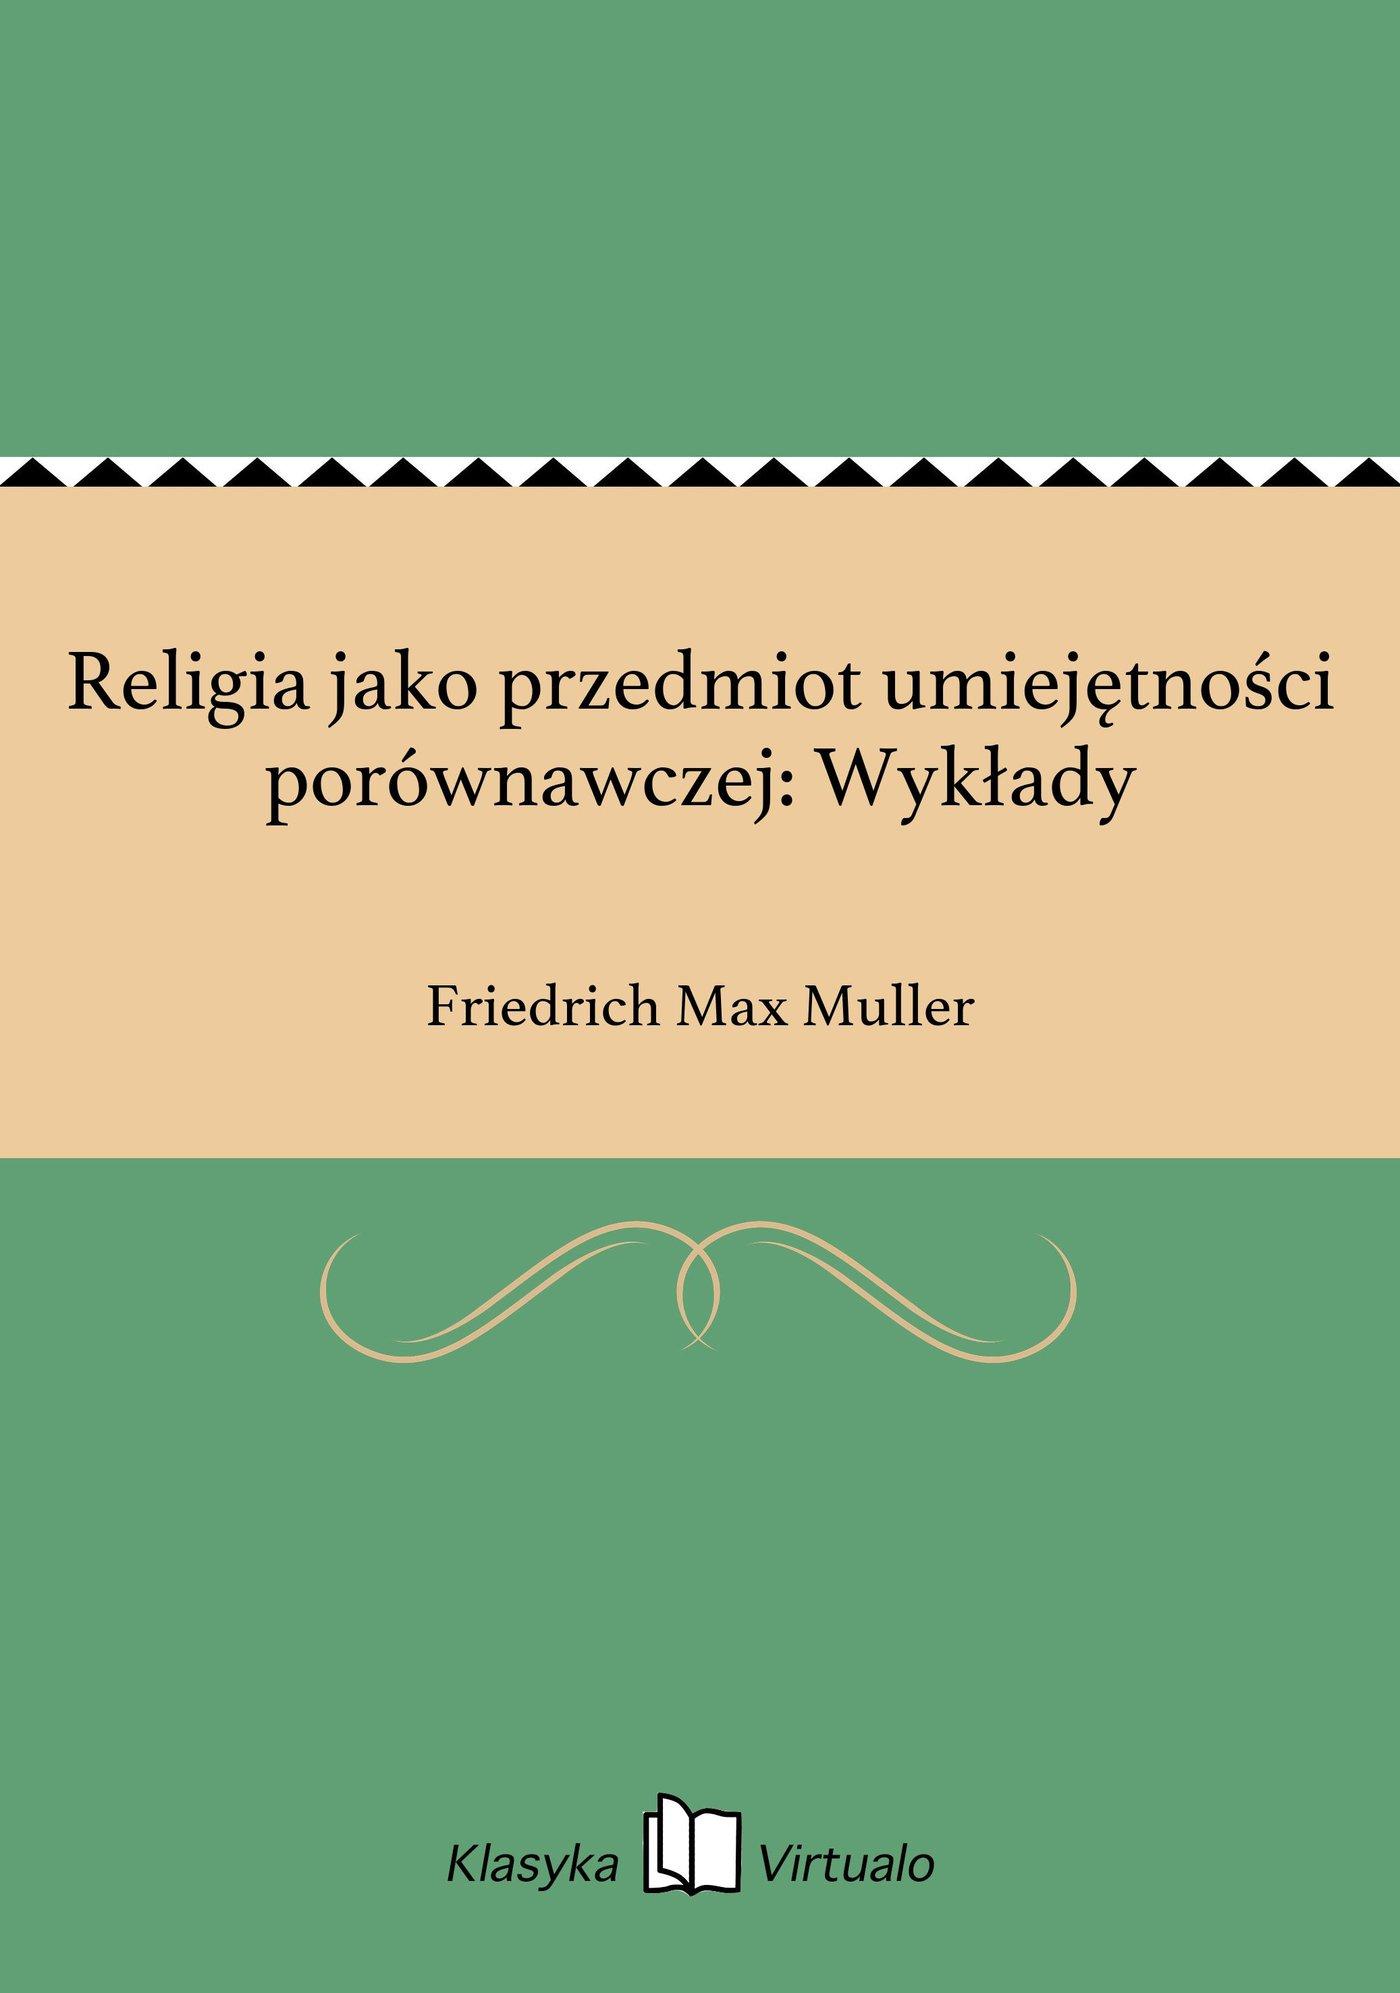 Religia jako przedmiot umiejętności porównawczej: Wykłady - Ebook (Książka EPUB) do pobrania w formacie EPUB